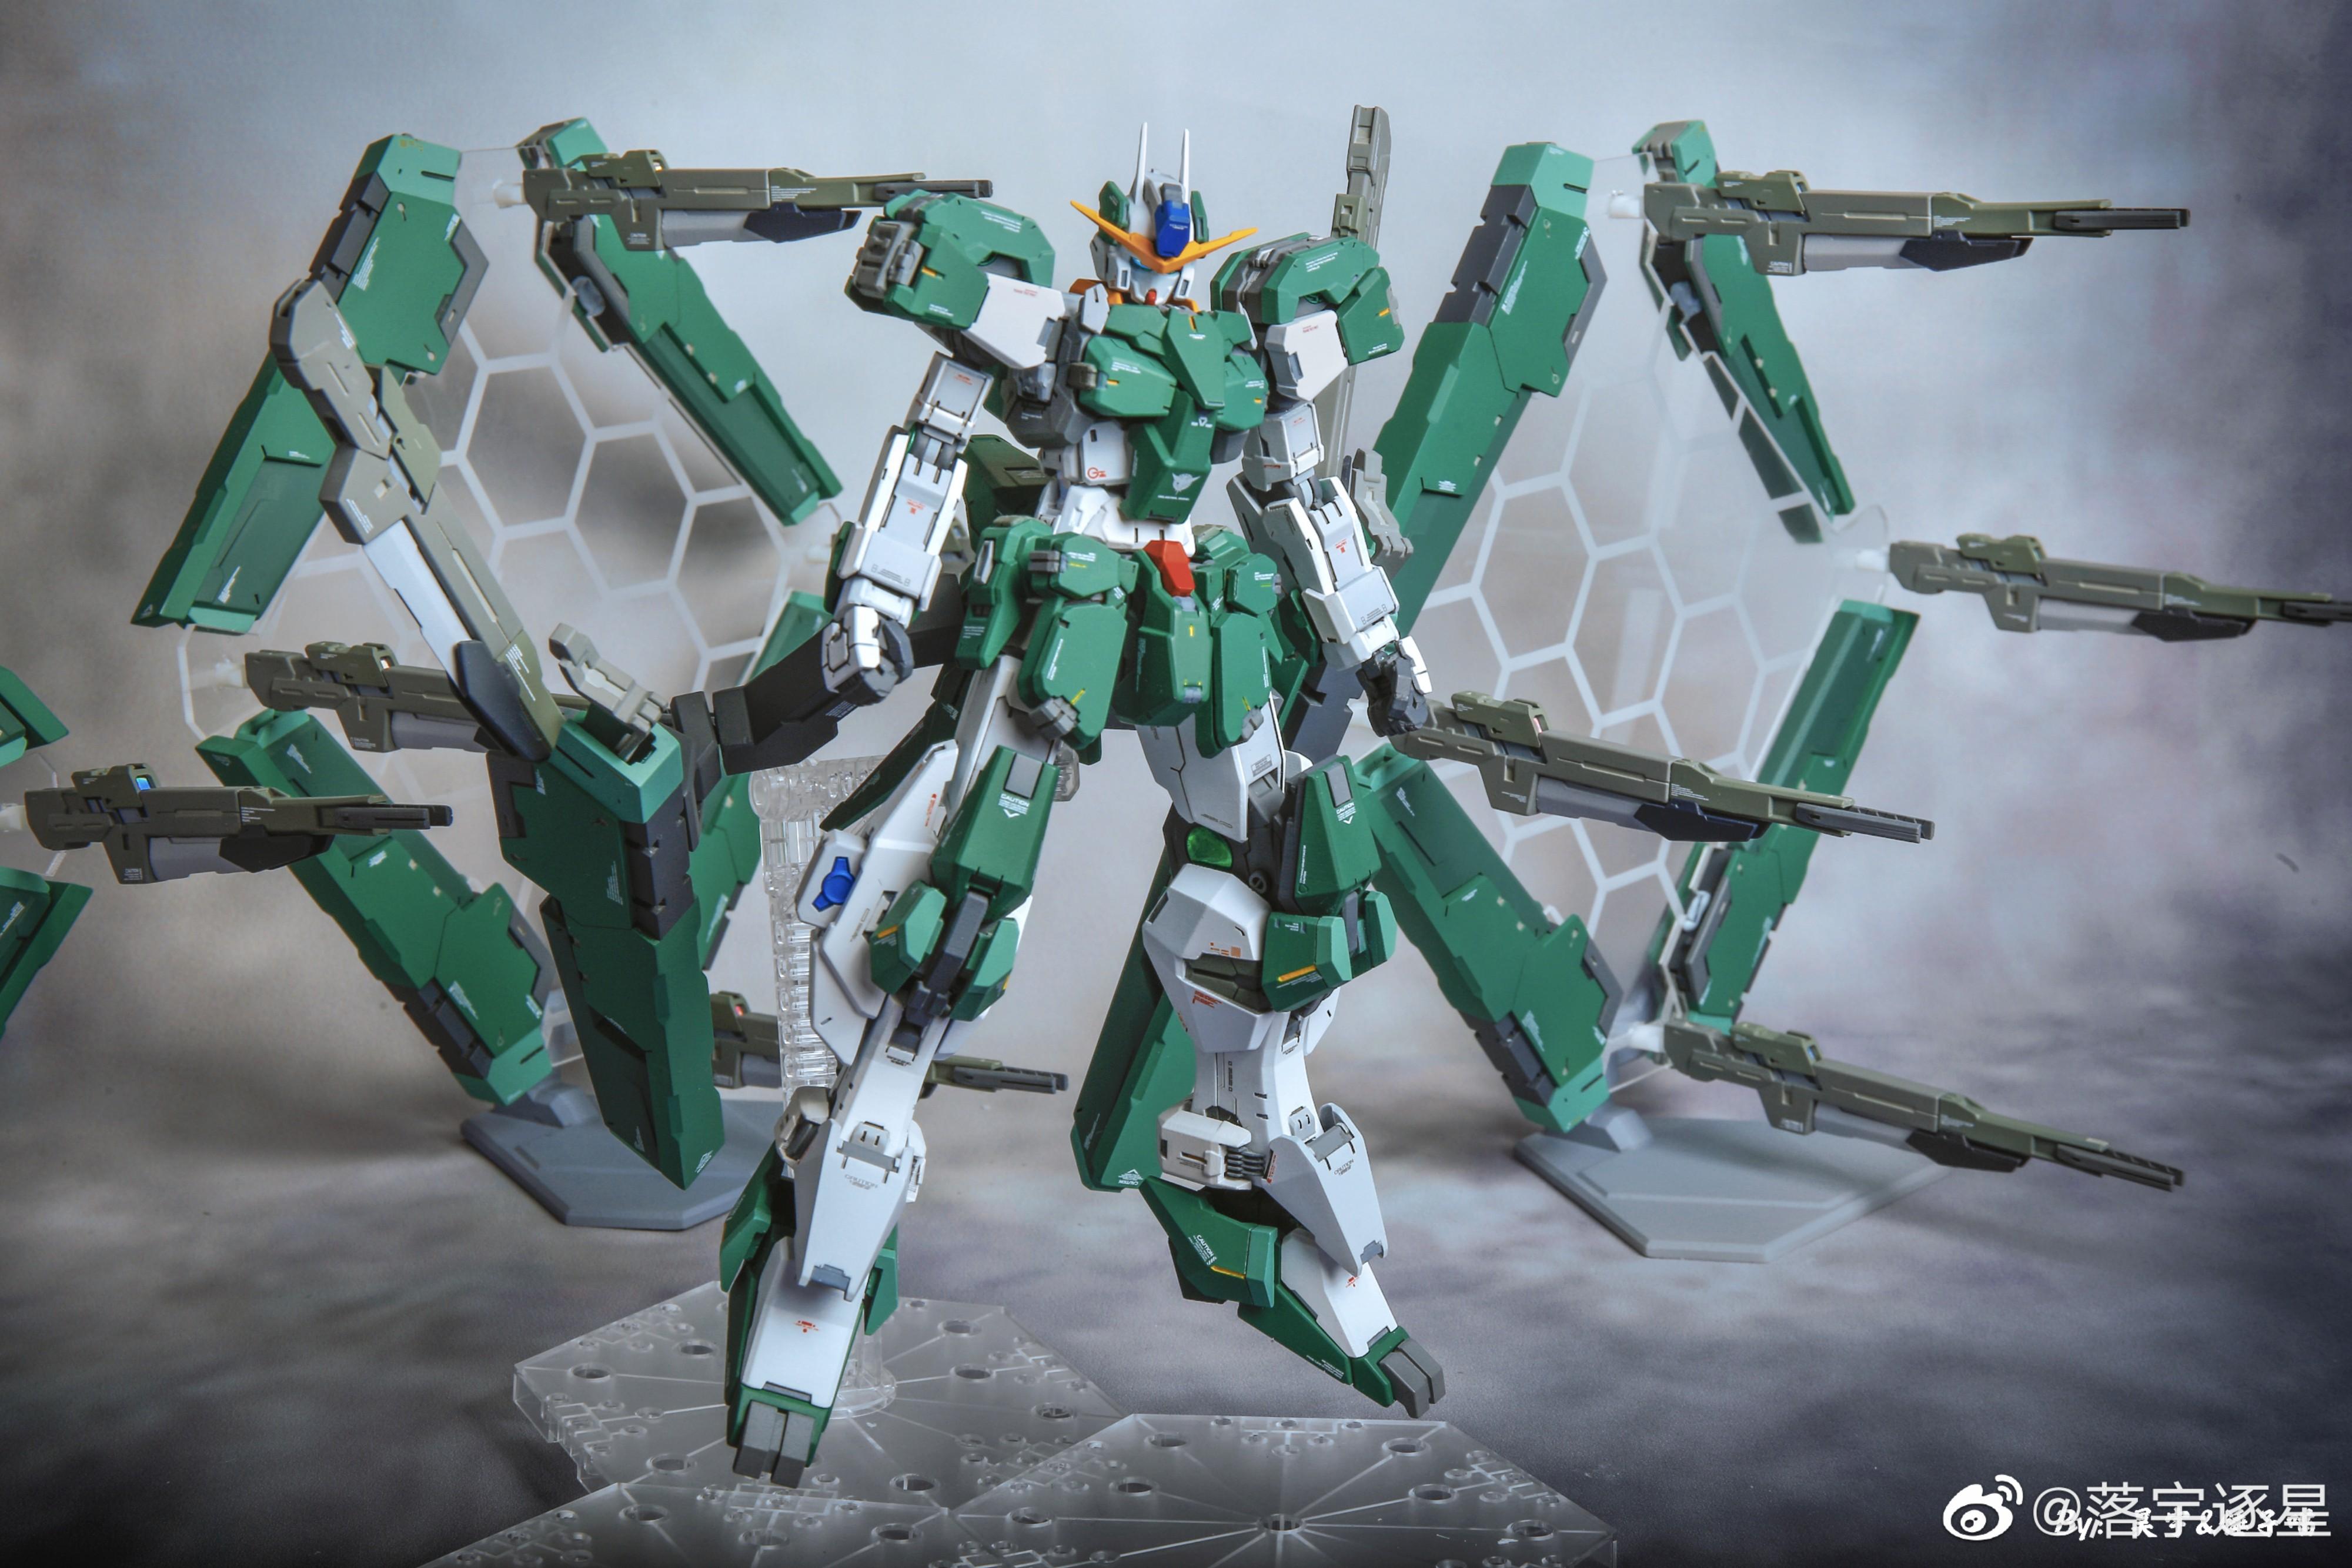 G652_3_GN_010_OO_Gundam_Zabanya_007.jpg